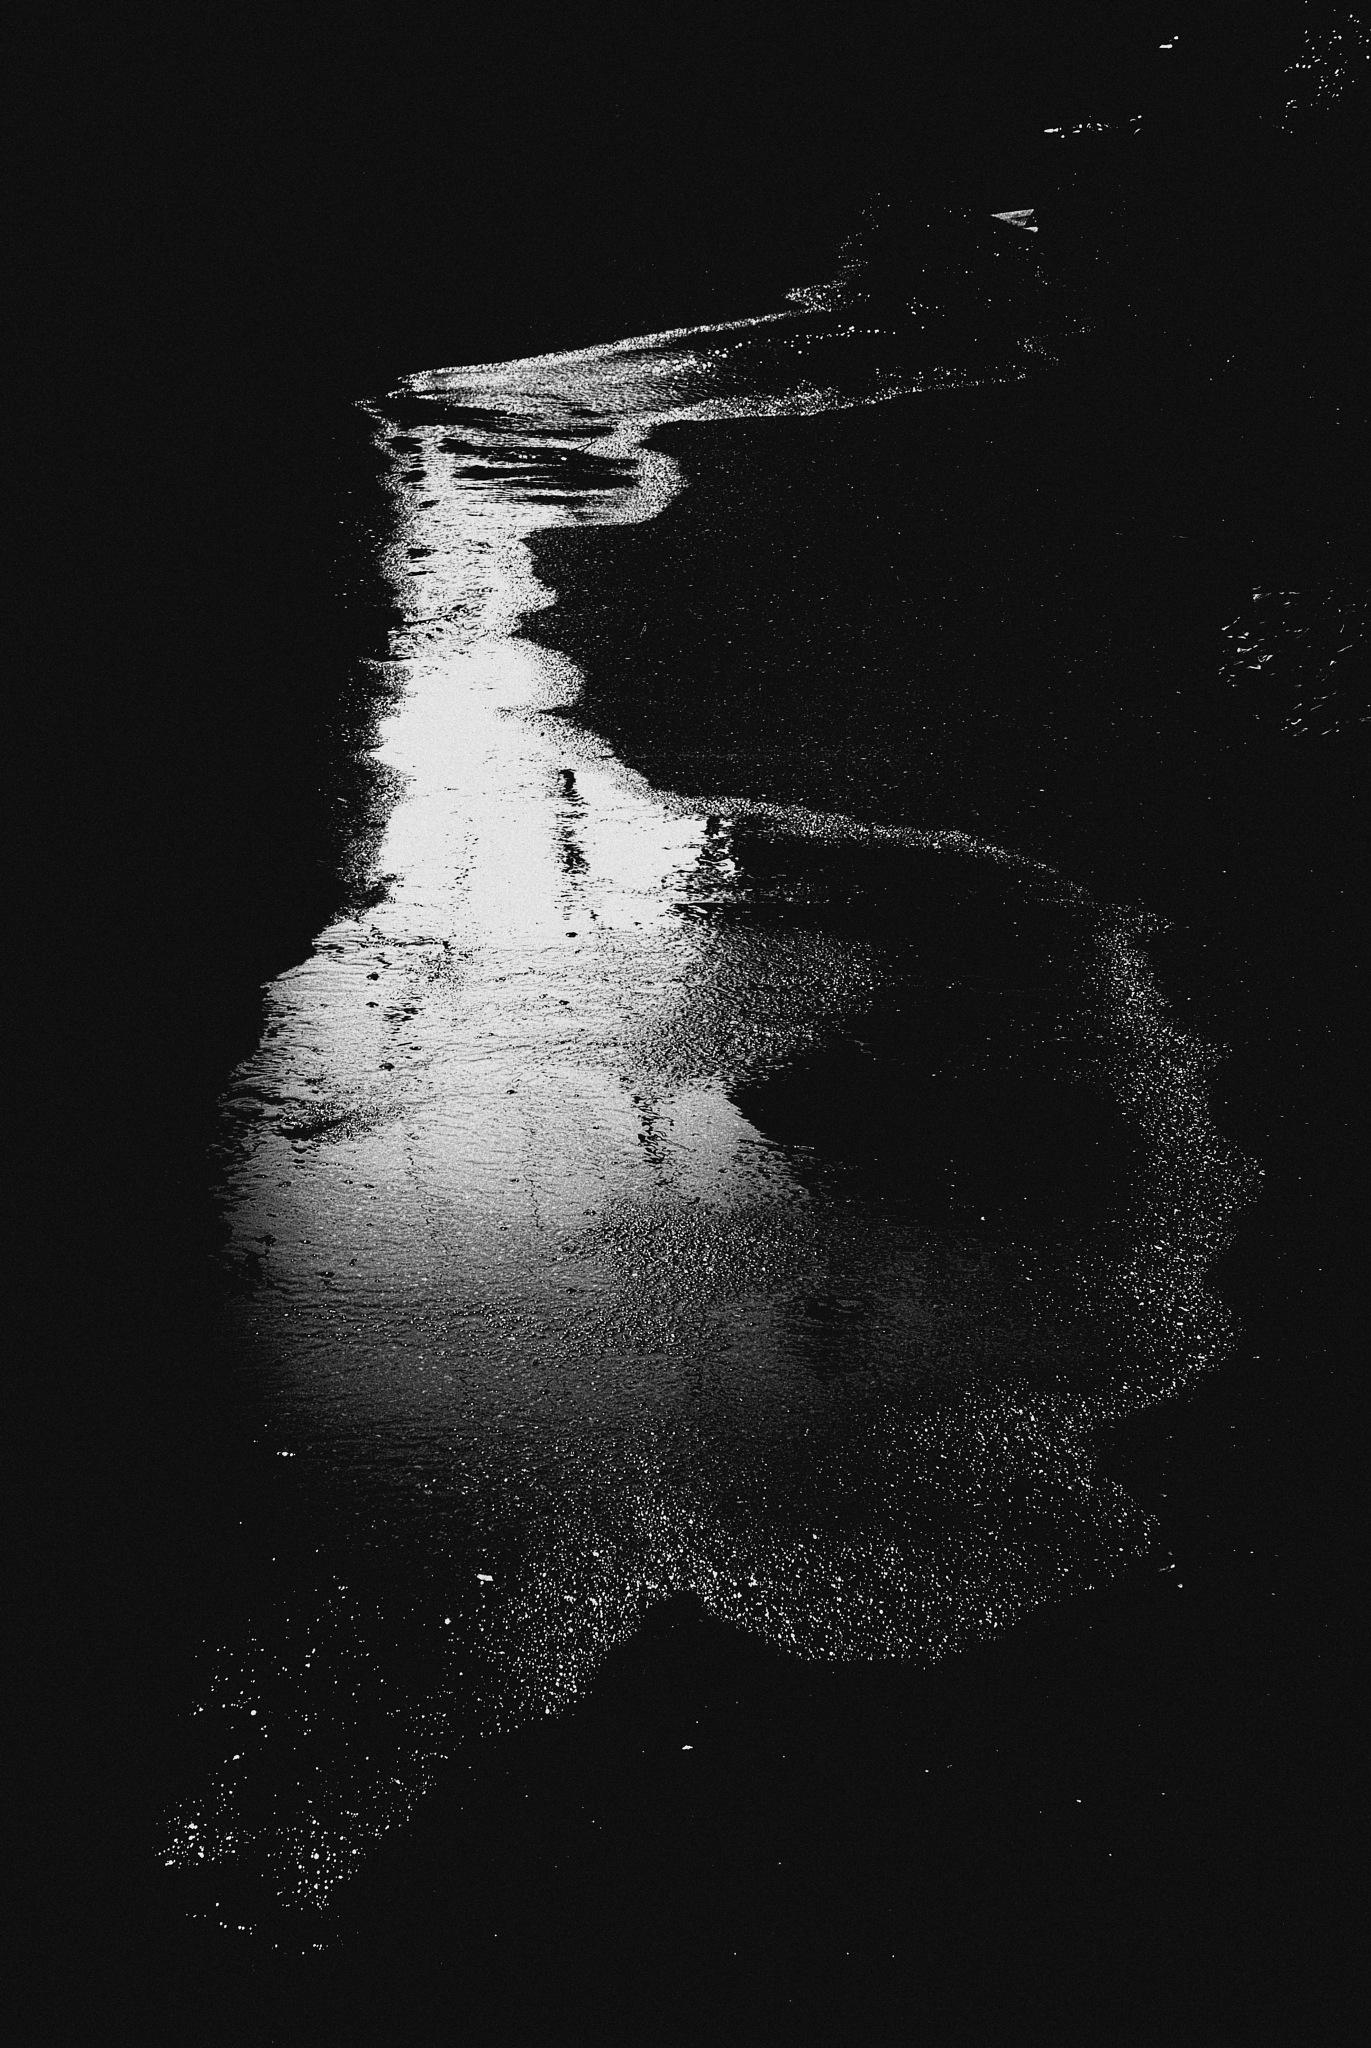 +++ by Hitoshi Matsumoto